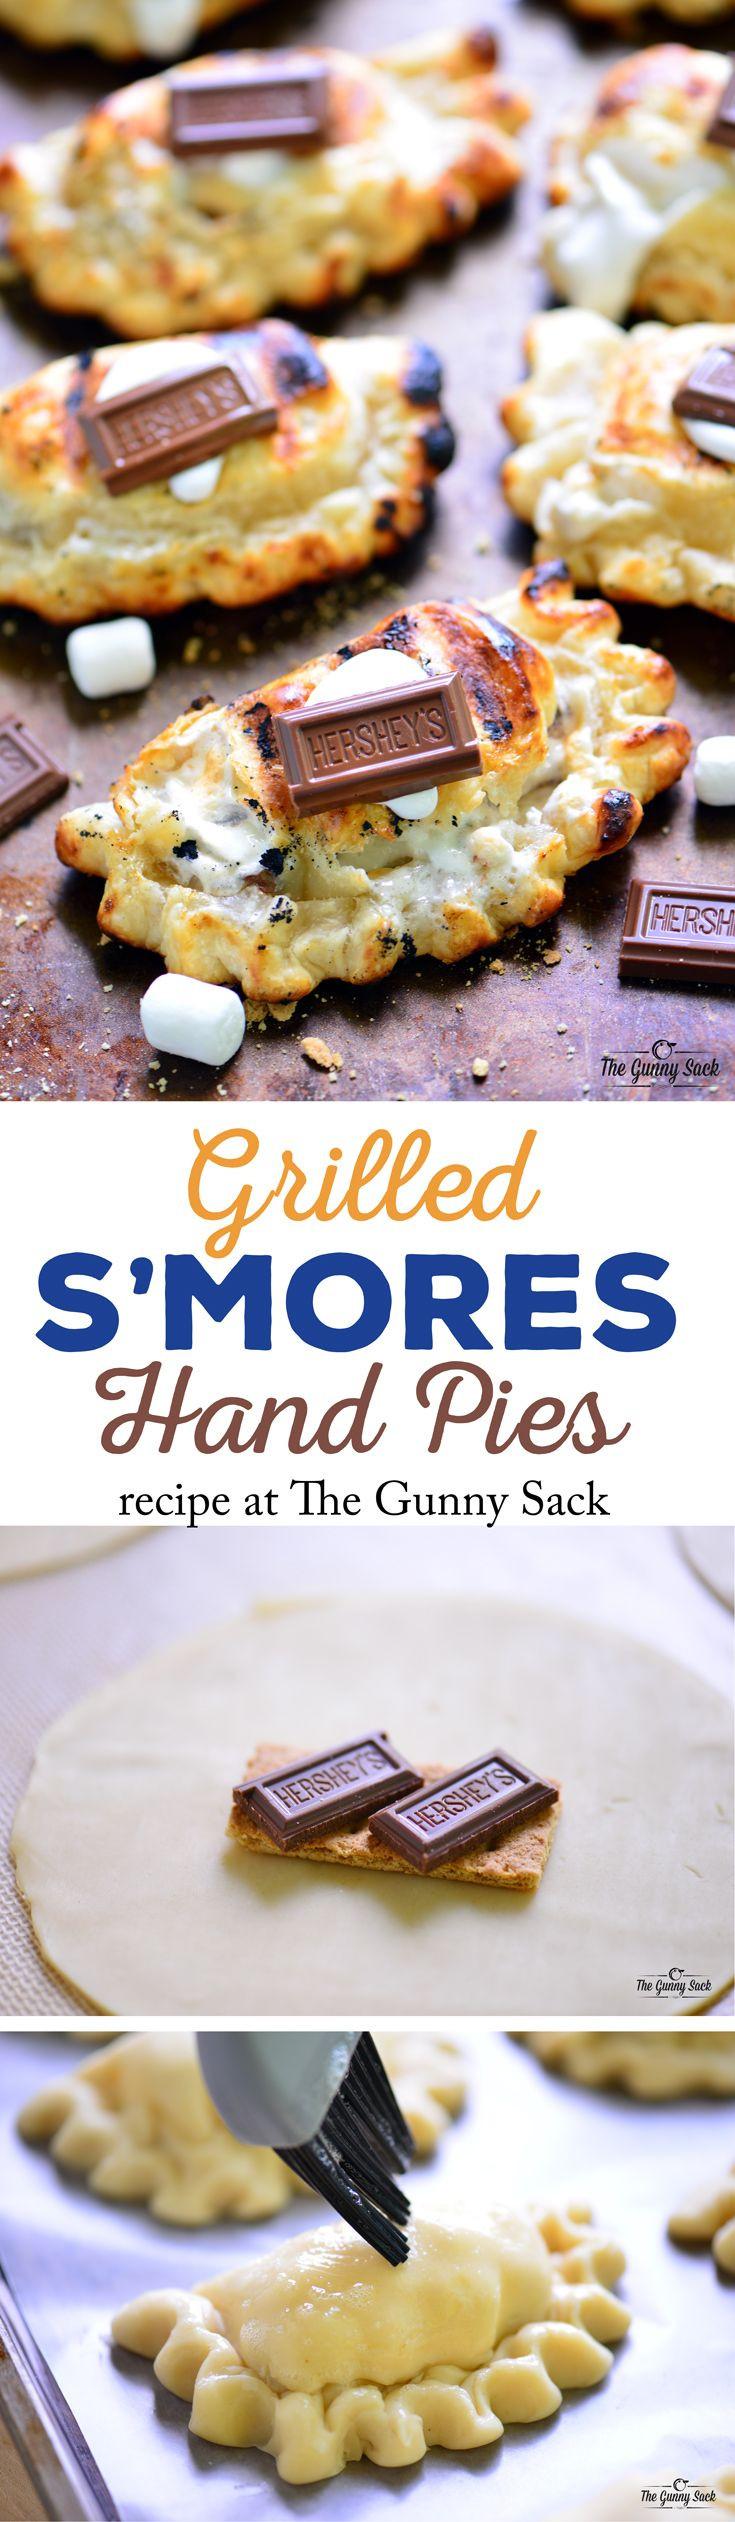 Summer Cookout Desserts  Best 25 Summer cookout desserts ideas on Pinterest